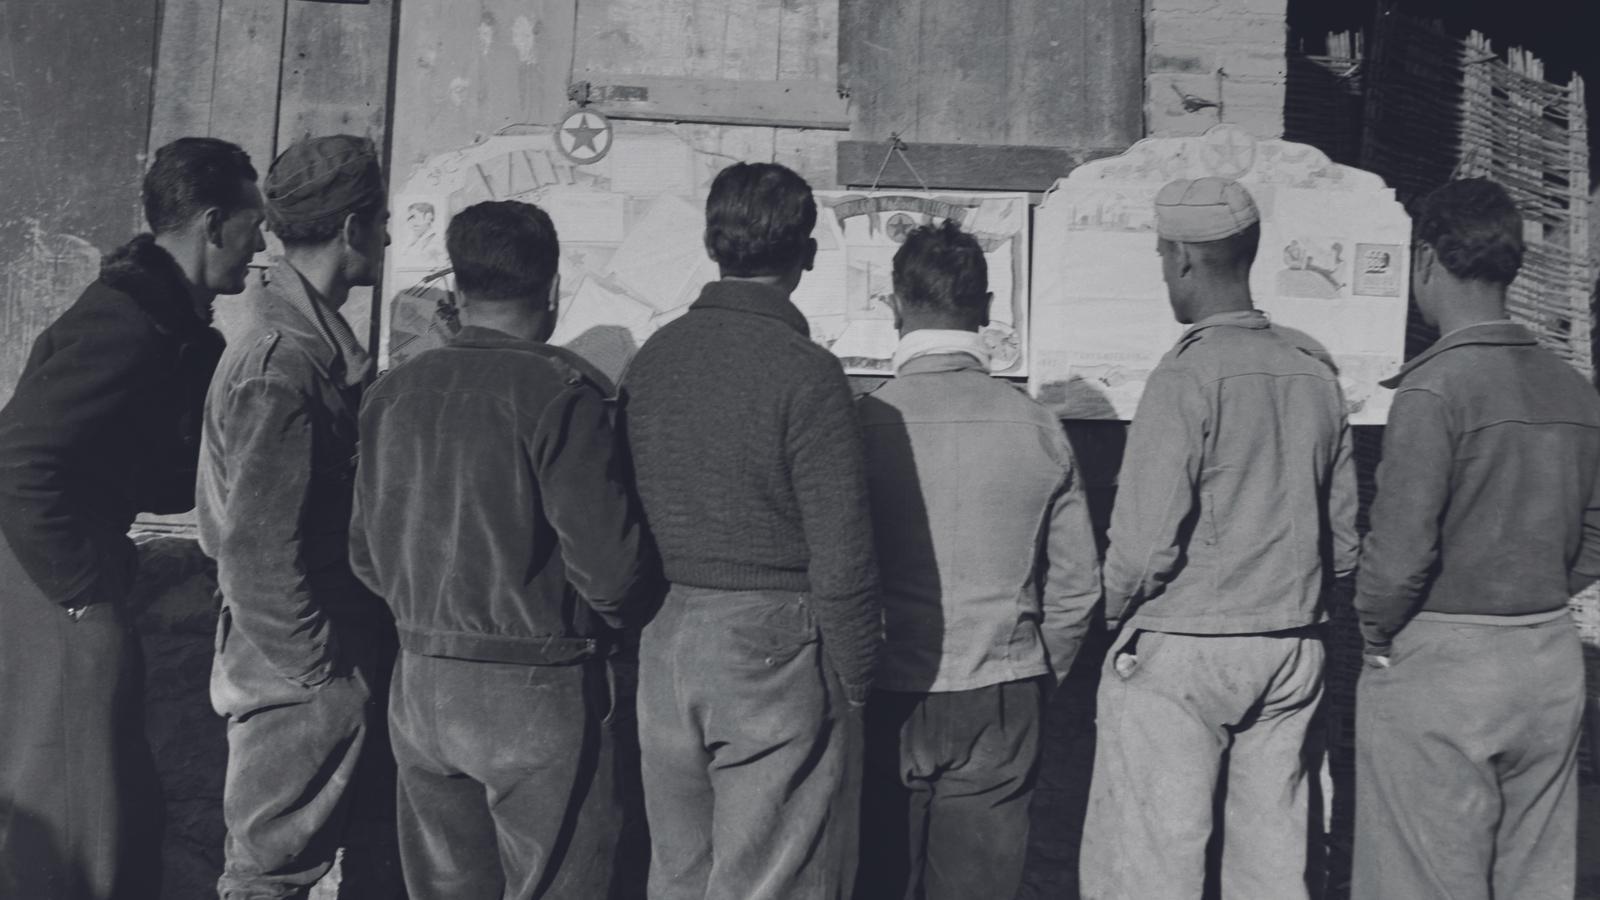 Un grup de soldats llegint un periòdic mural